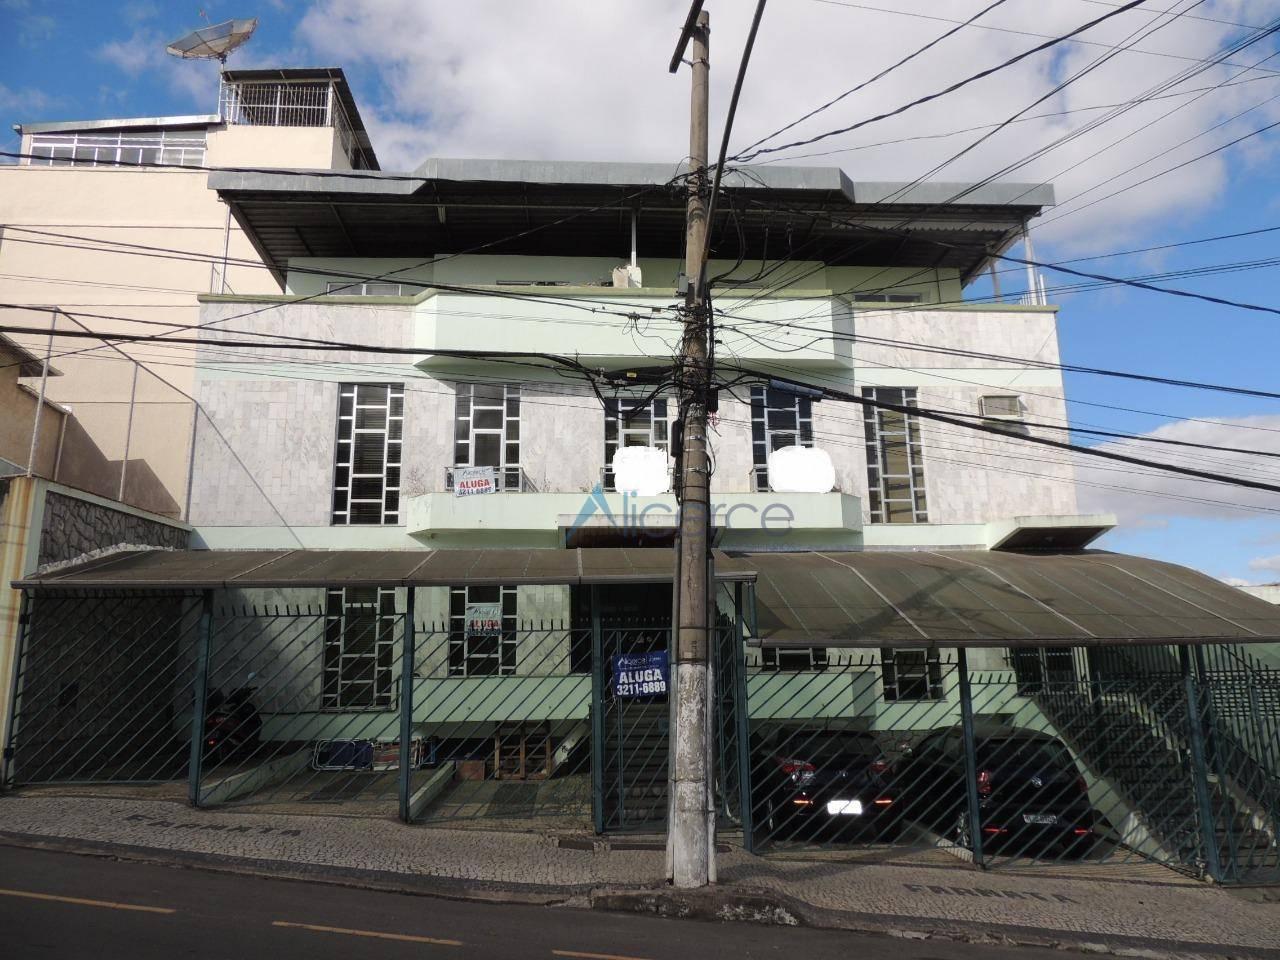 Prédio para alugar, 1200 m² por R$ 12.000,00/mês - Santa Terezinha - Juiz de Fora/MG